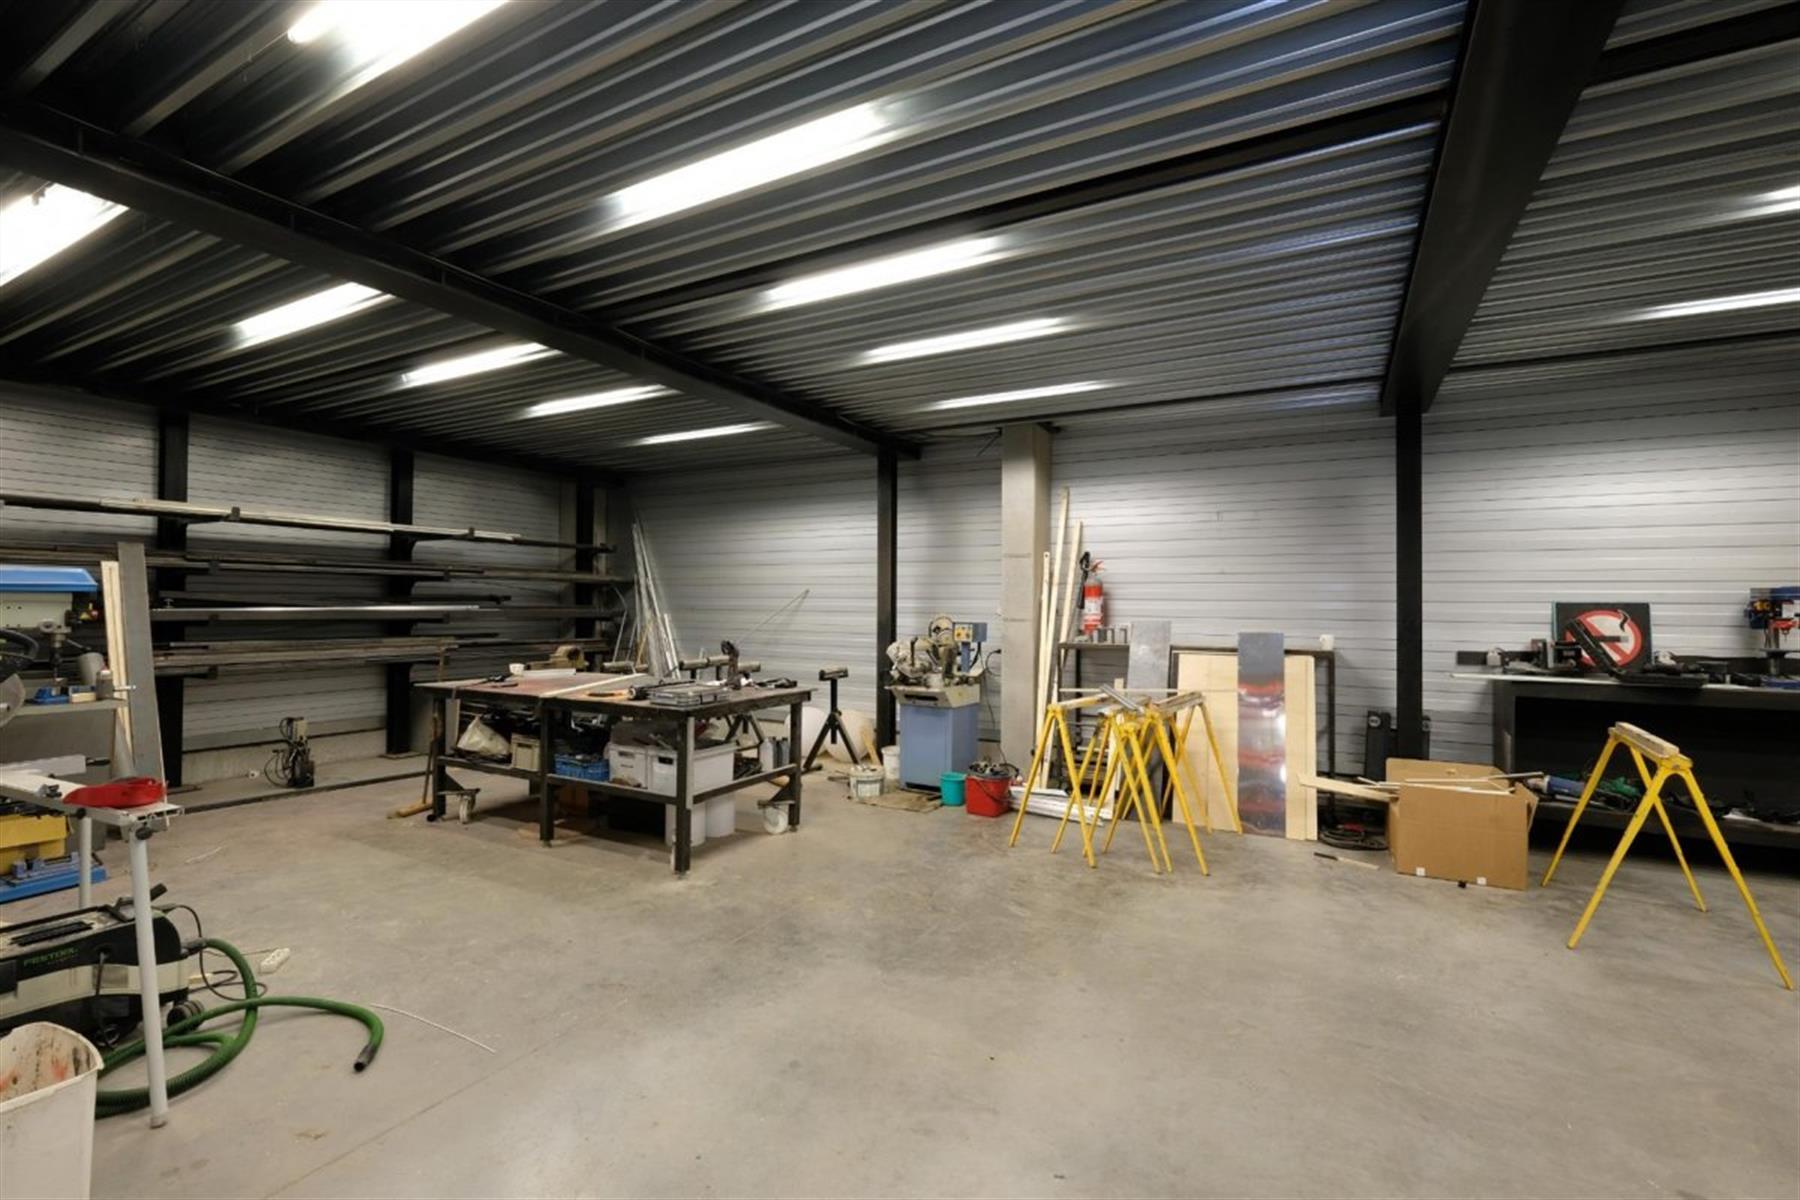 bedrijfsgebouw te koop I122 - Bedrijfsgebouw - Centrum-Zuid 3023 2, 3530 Houthalen-Helchteren, België 9